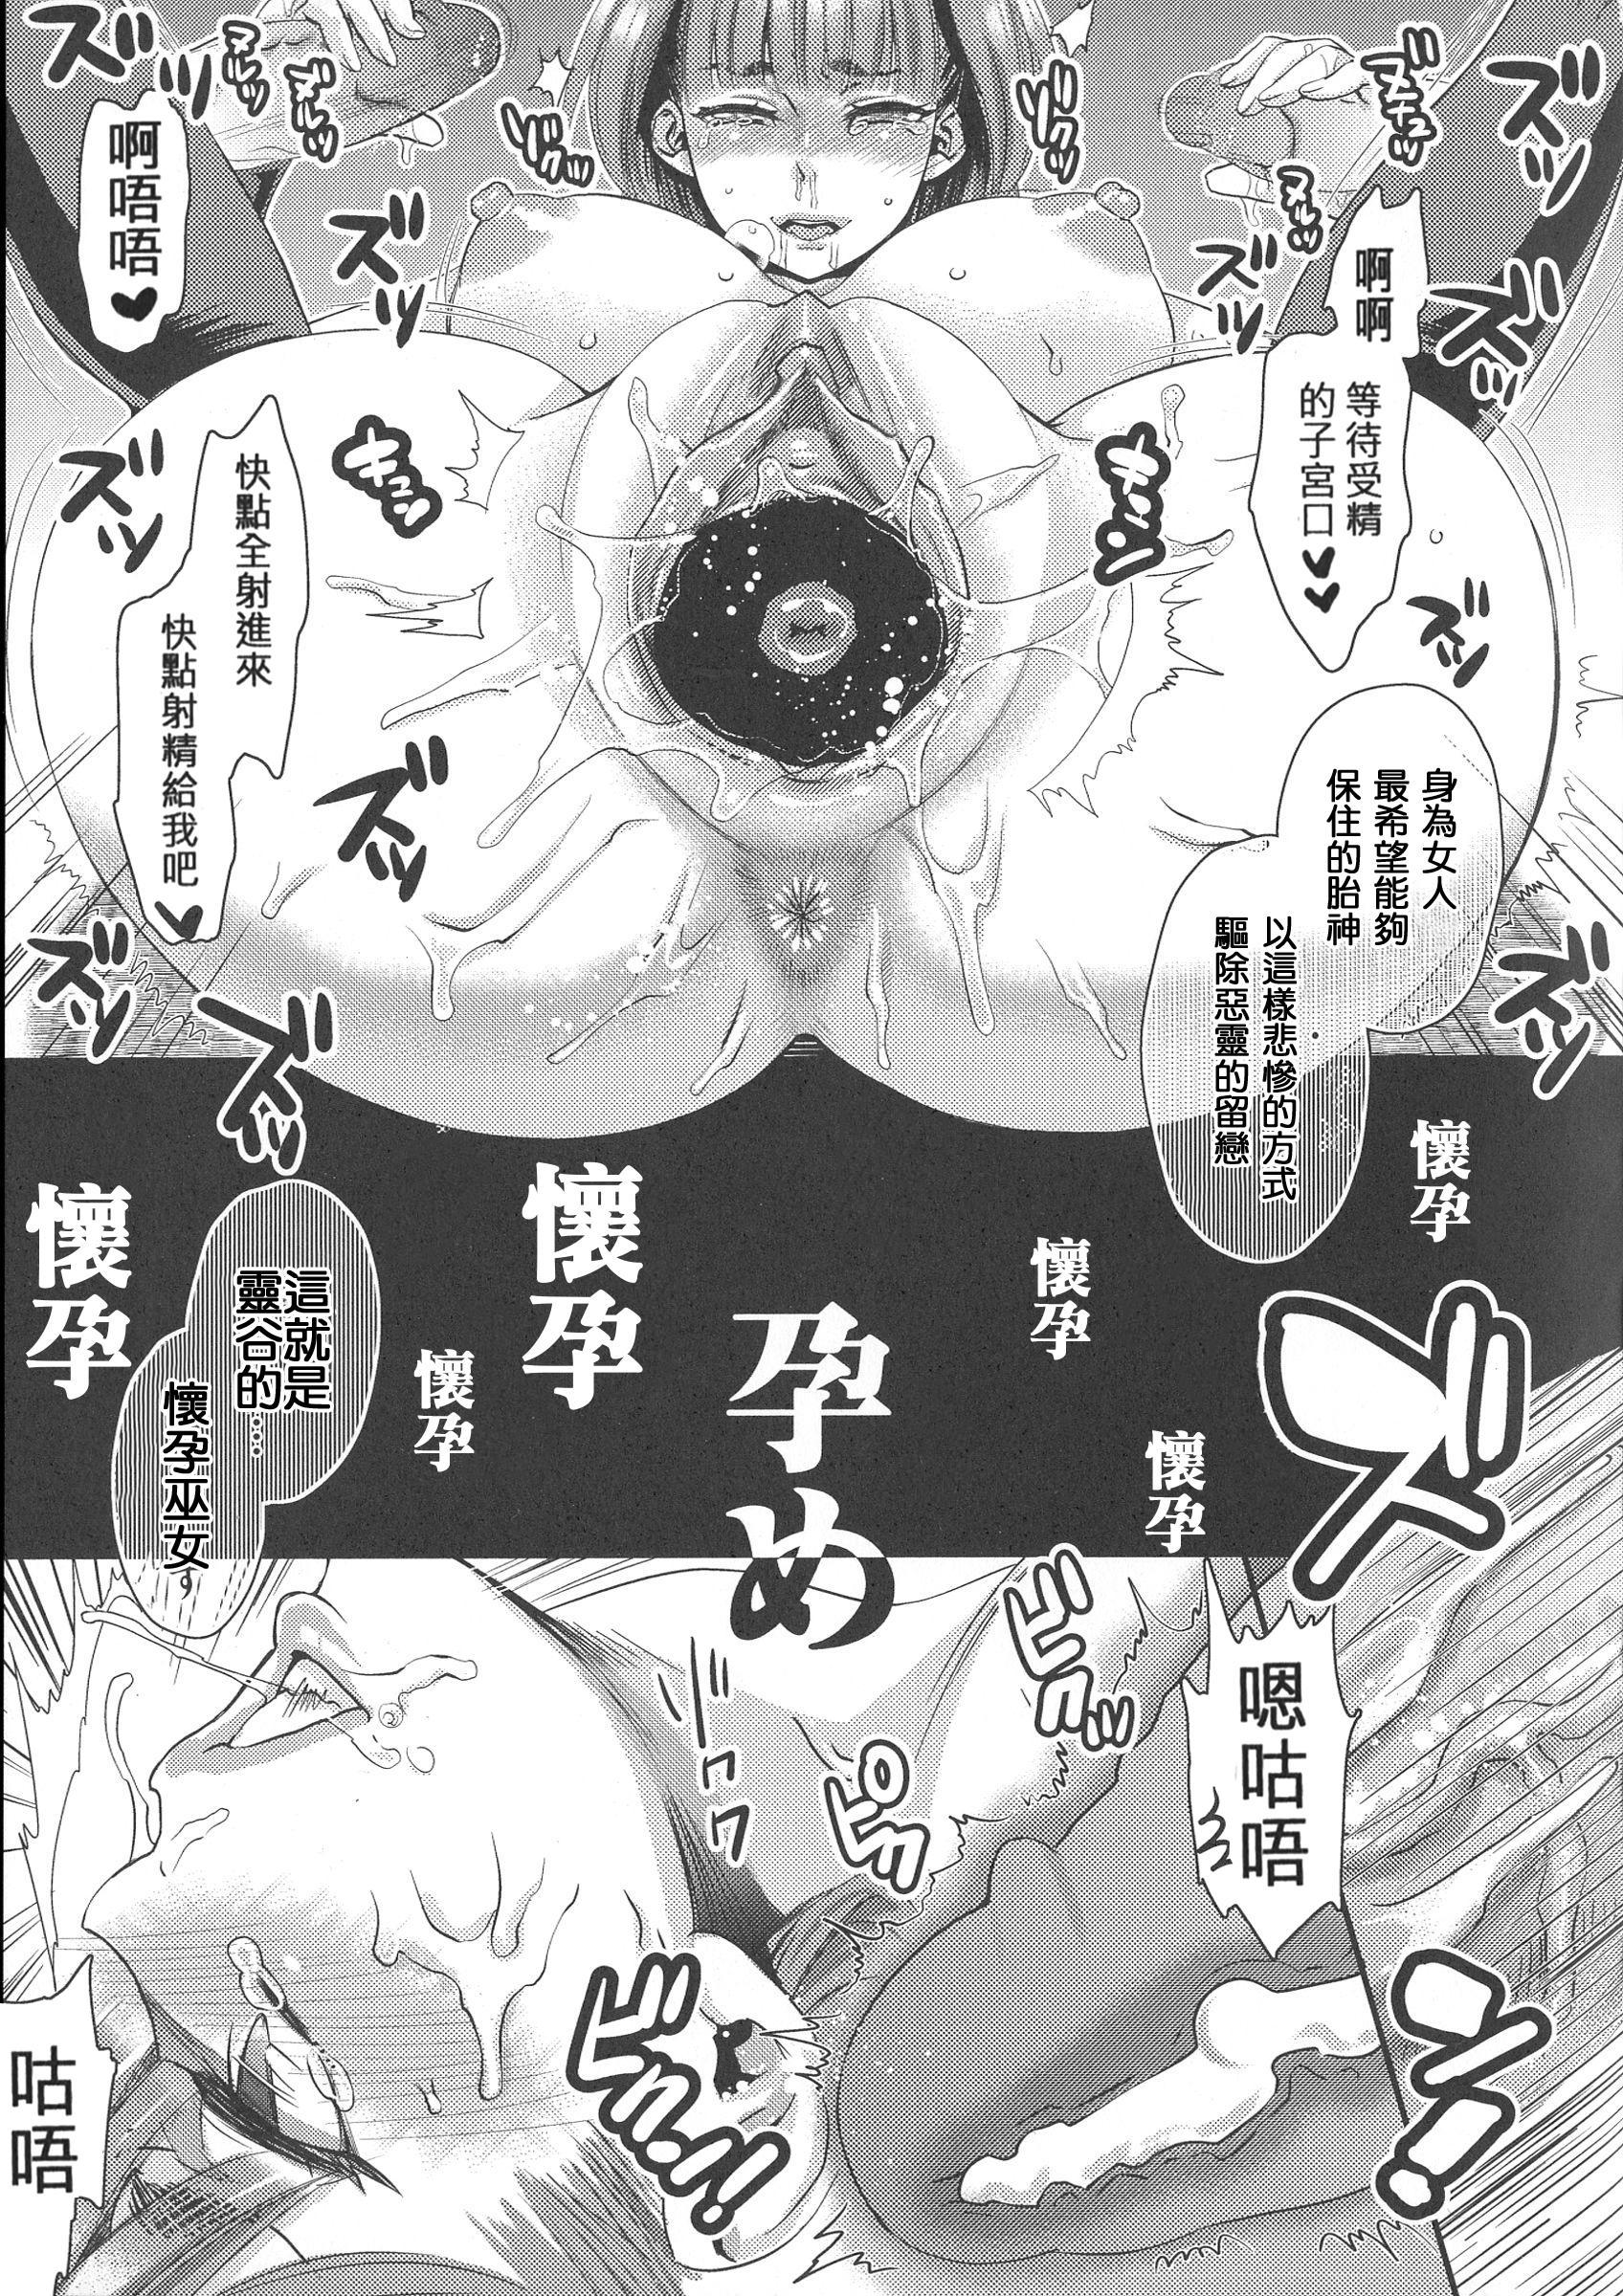 Chouki-sama no Ingyaku Yuugi 178